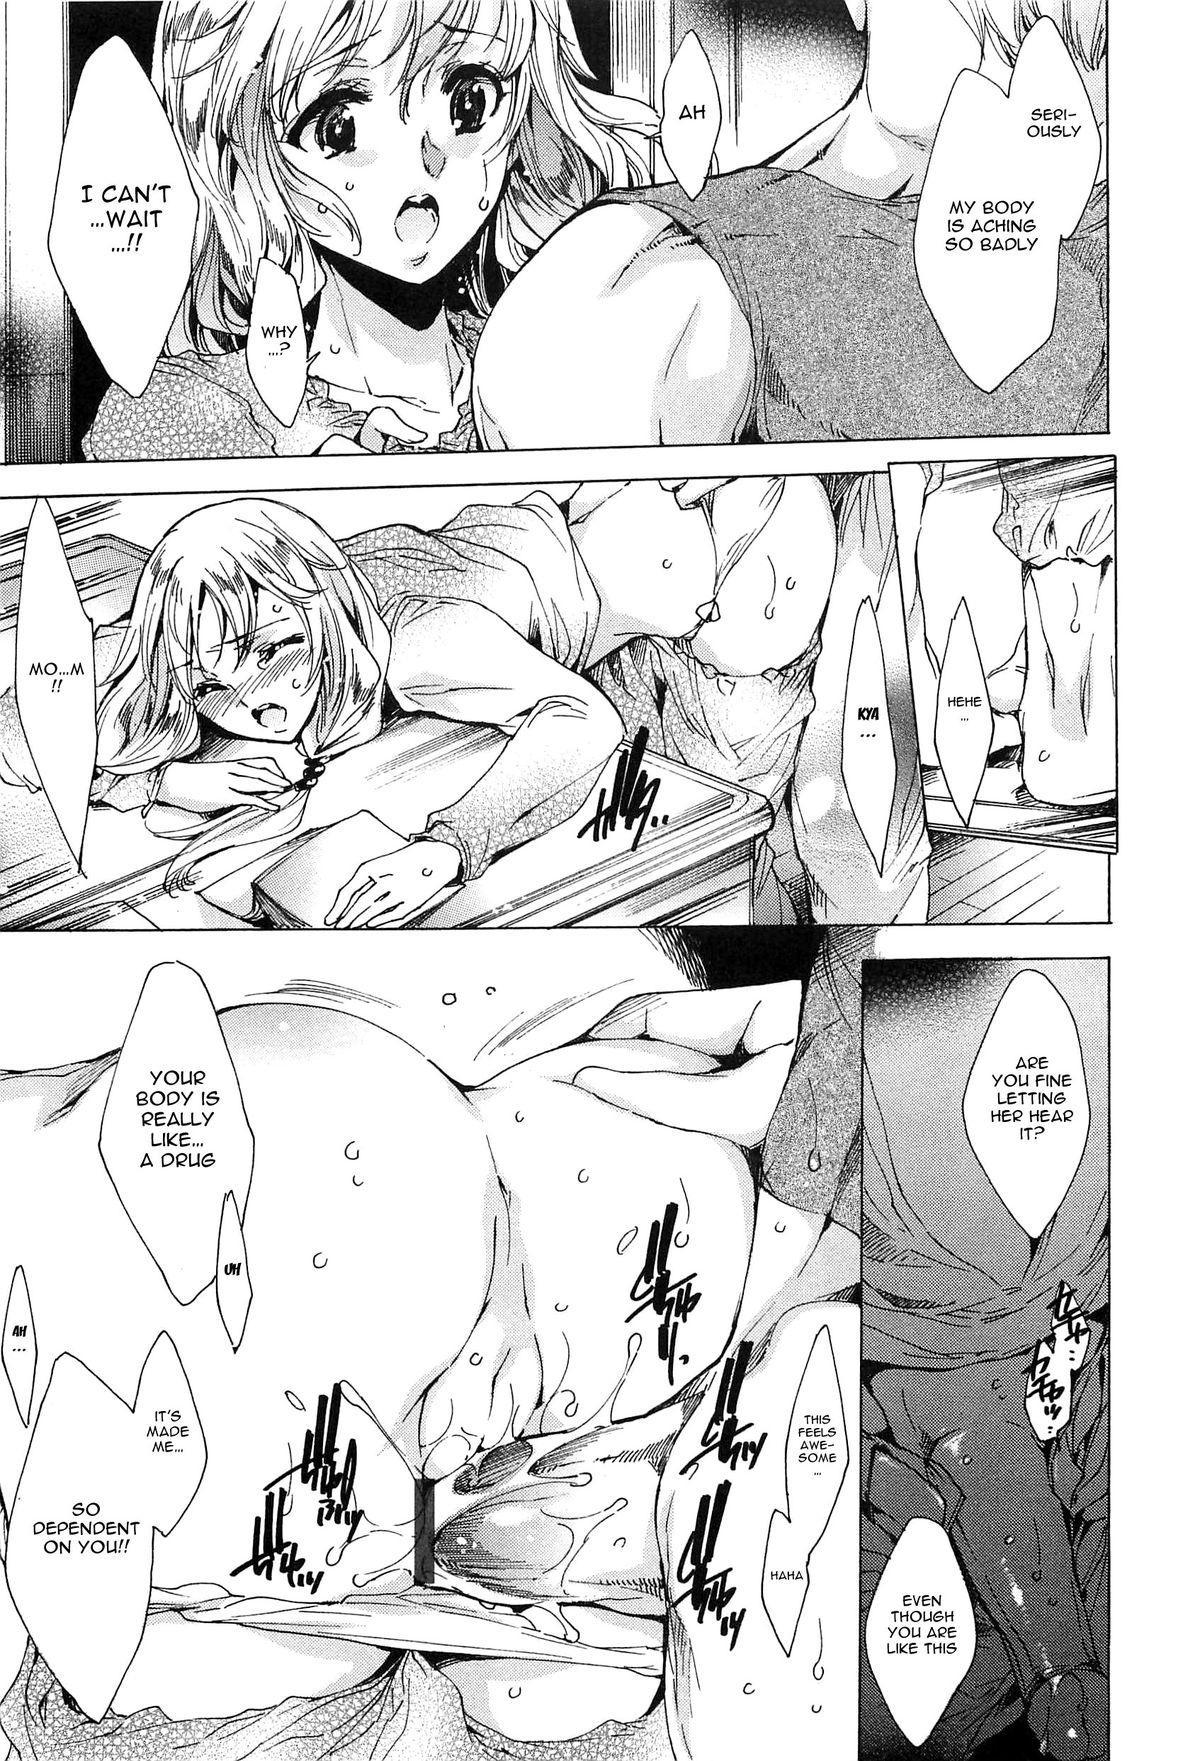 [Yuiga Naoha] Nikuyoku Rensa - NTR Kanojo   Chains of Lust - NTR Girlfriend [English] {doujin-moe.us} 72